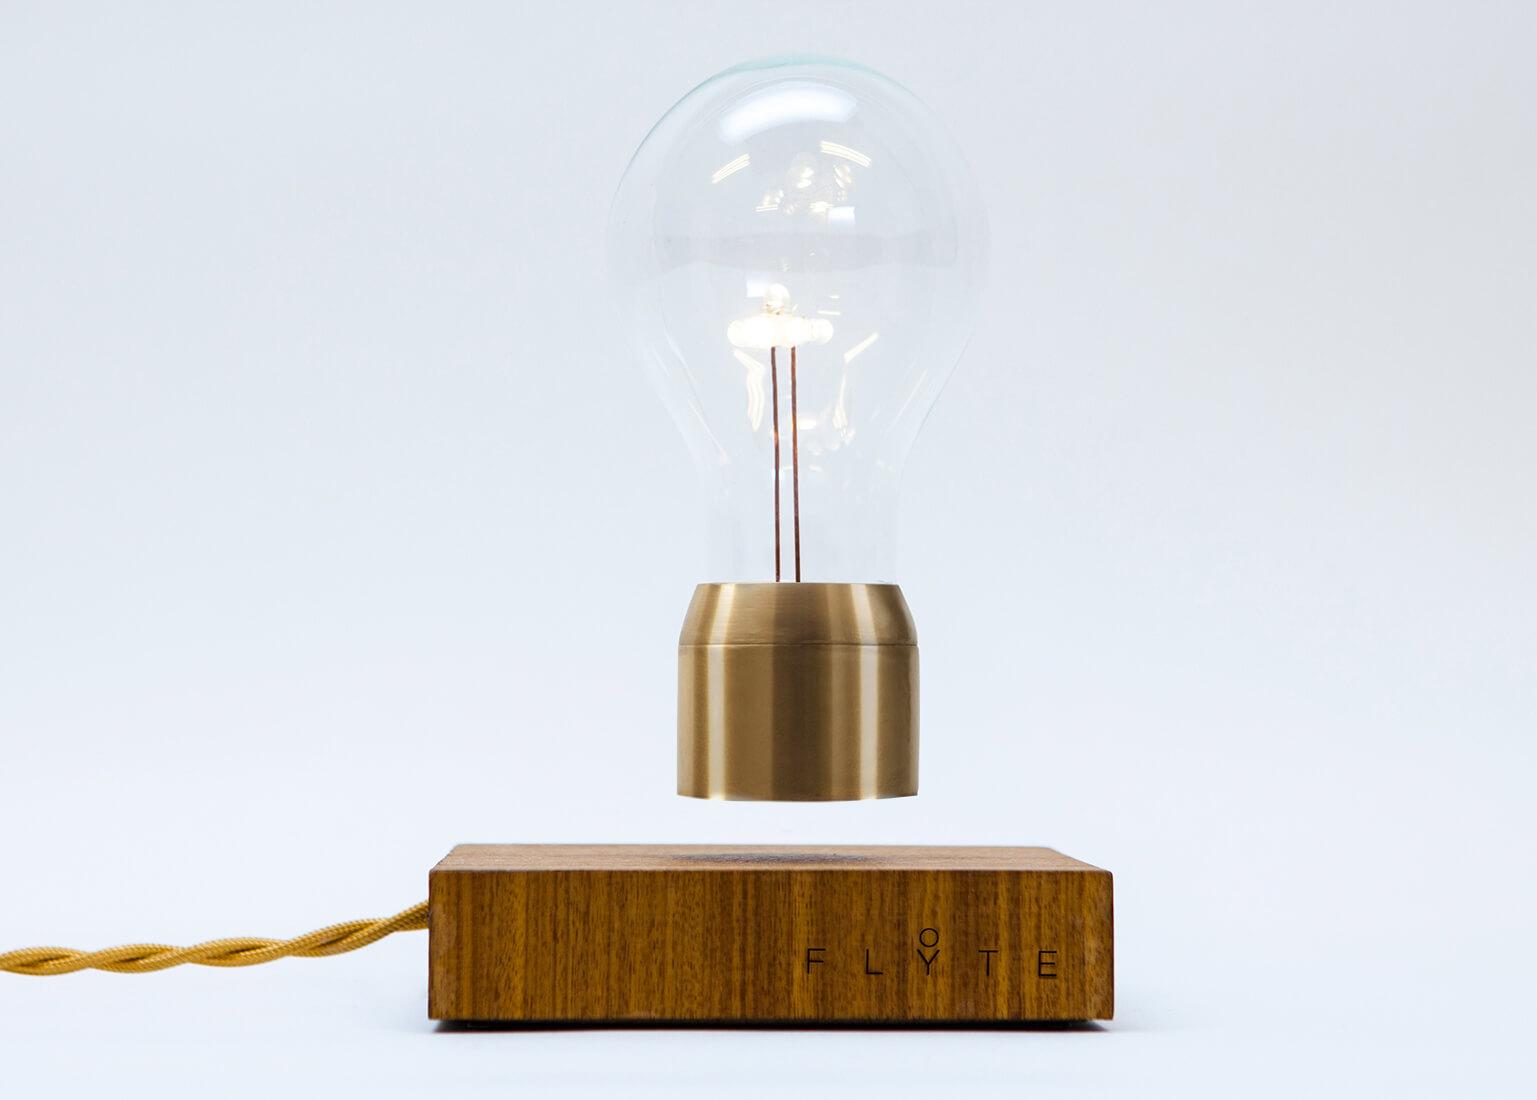 Mat riaux bruts page 4 sur 29 frenchy fancy - Semaine du luminaire chez made in design topnouveautes ...